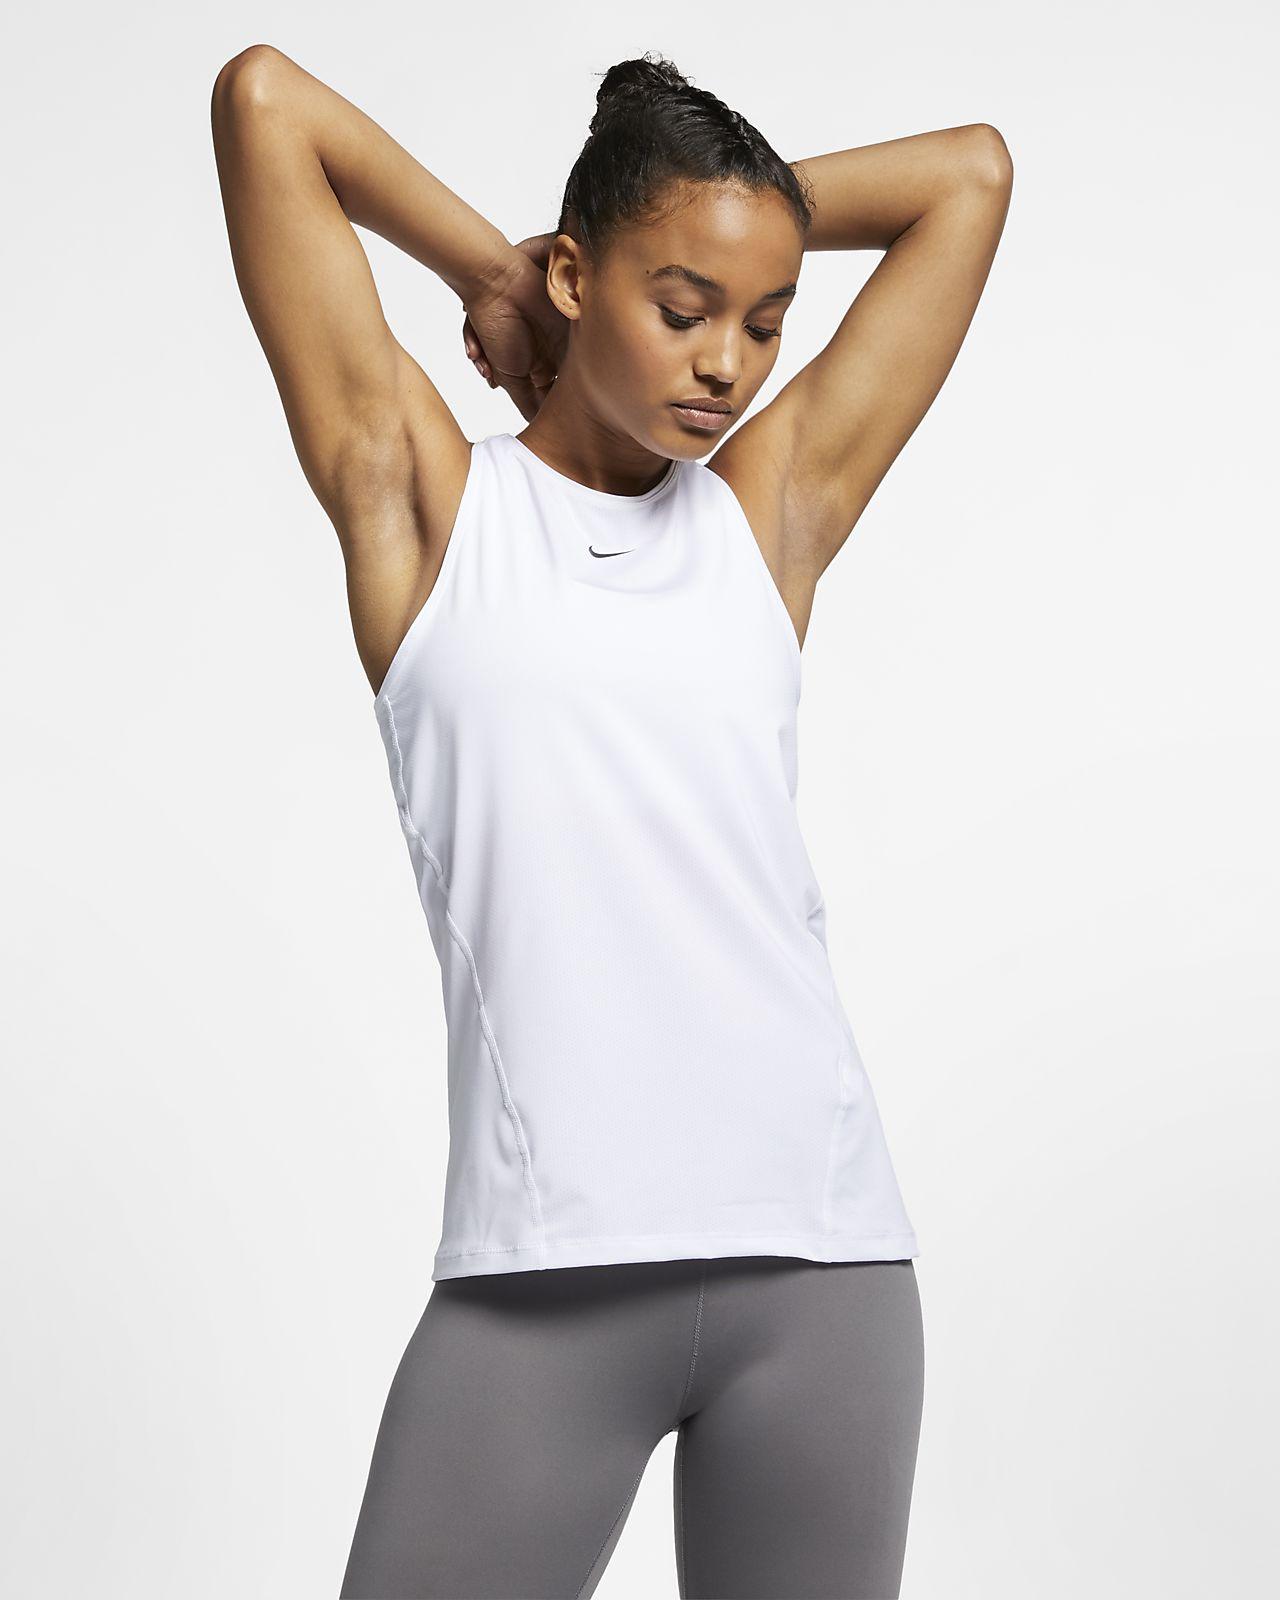 Canotta da training Nike Donna Bianco Nero Bianco